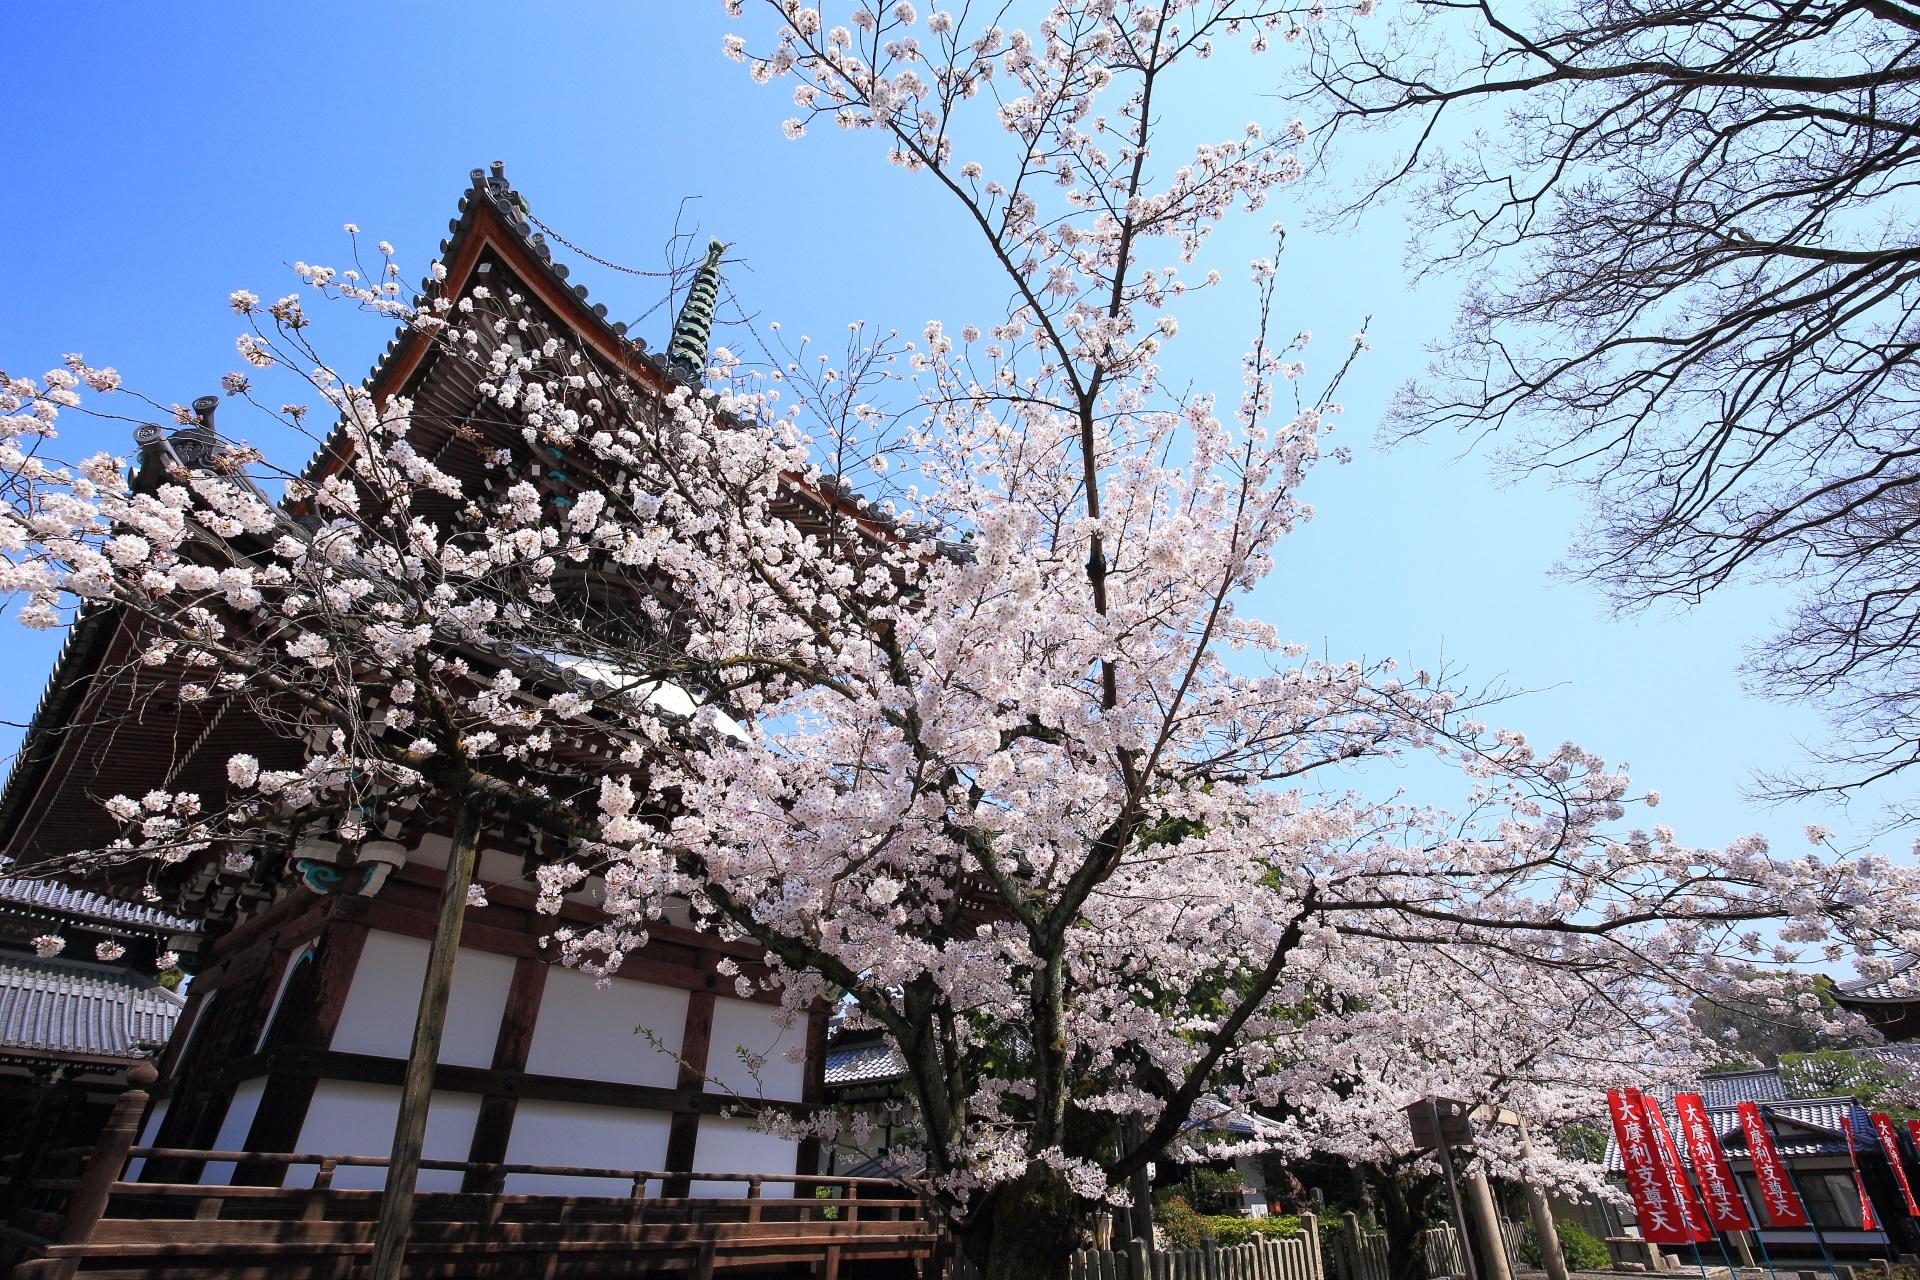 本法寺の多宝塔をつつむ弾けんばかりの桜